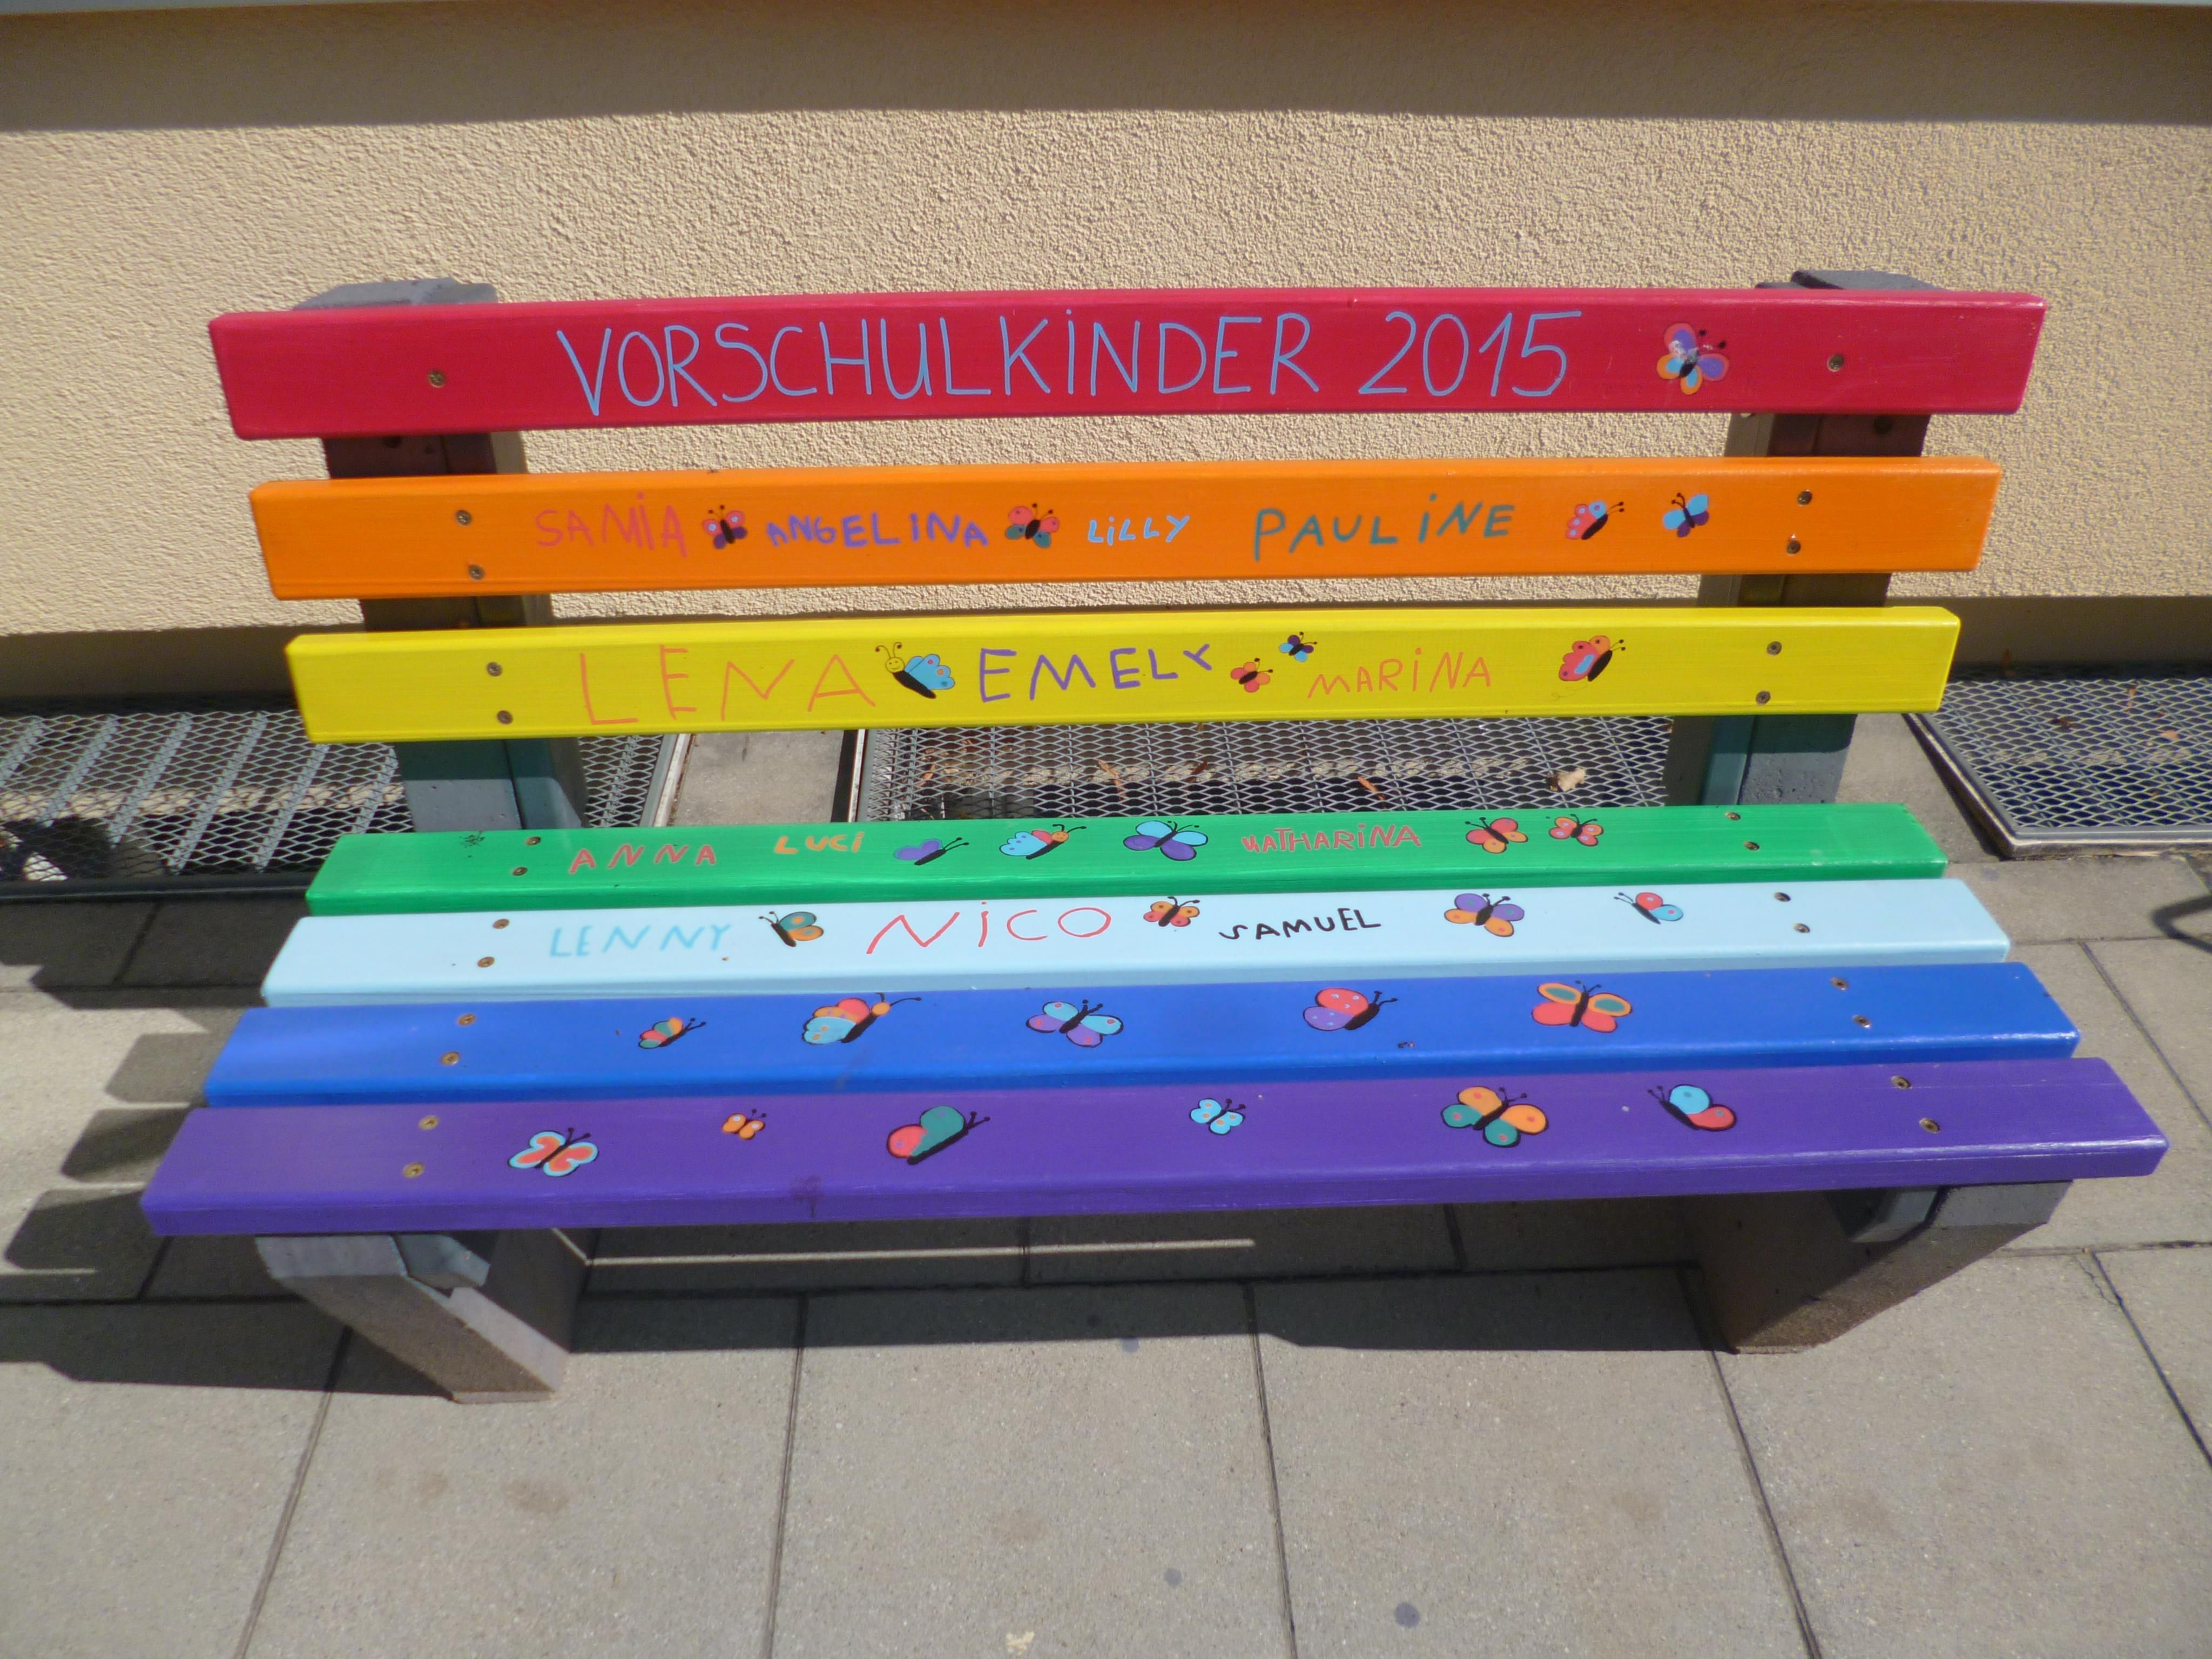 P1050408 4096 3072 kindergarten pinterest - Abschiedsgeschenk ideen ...